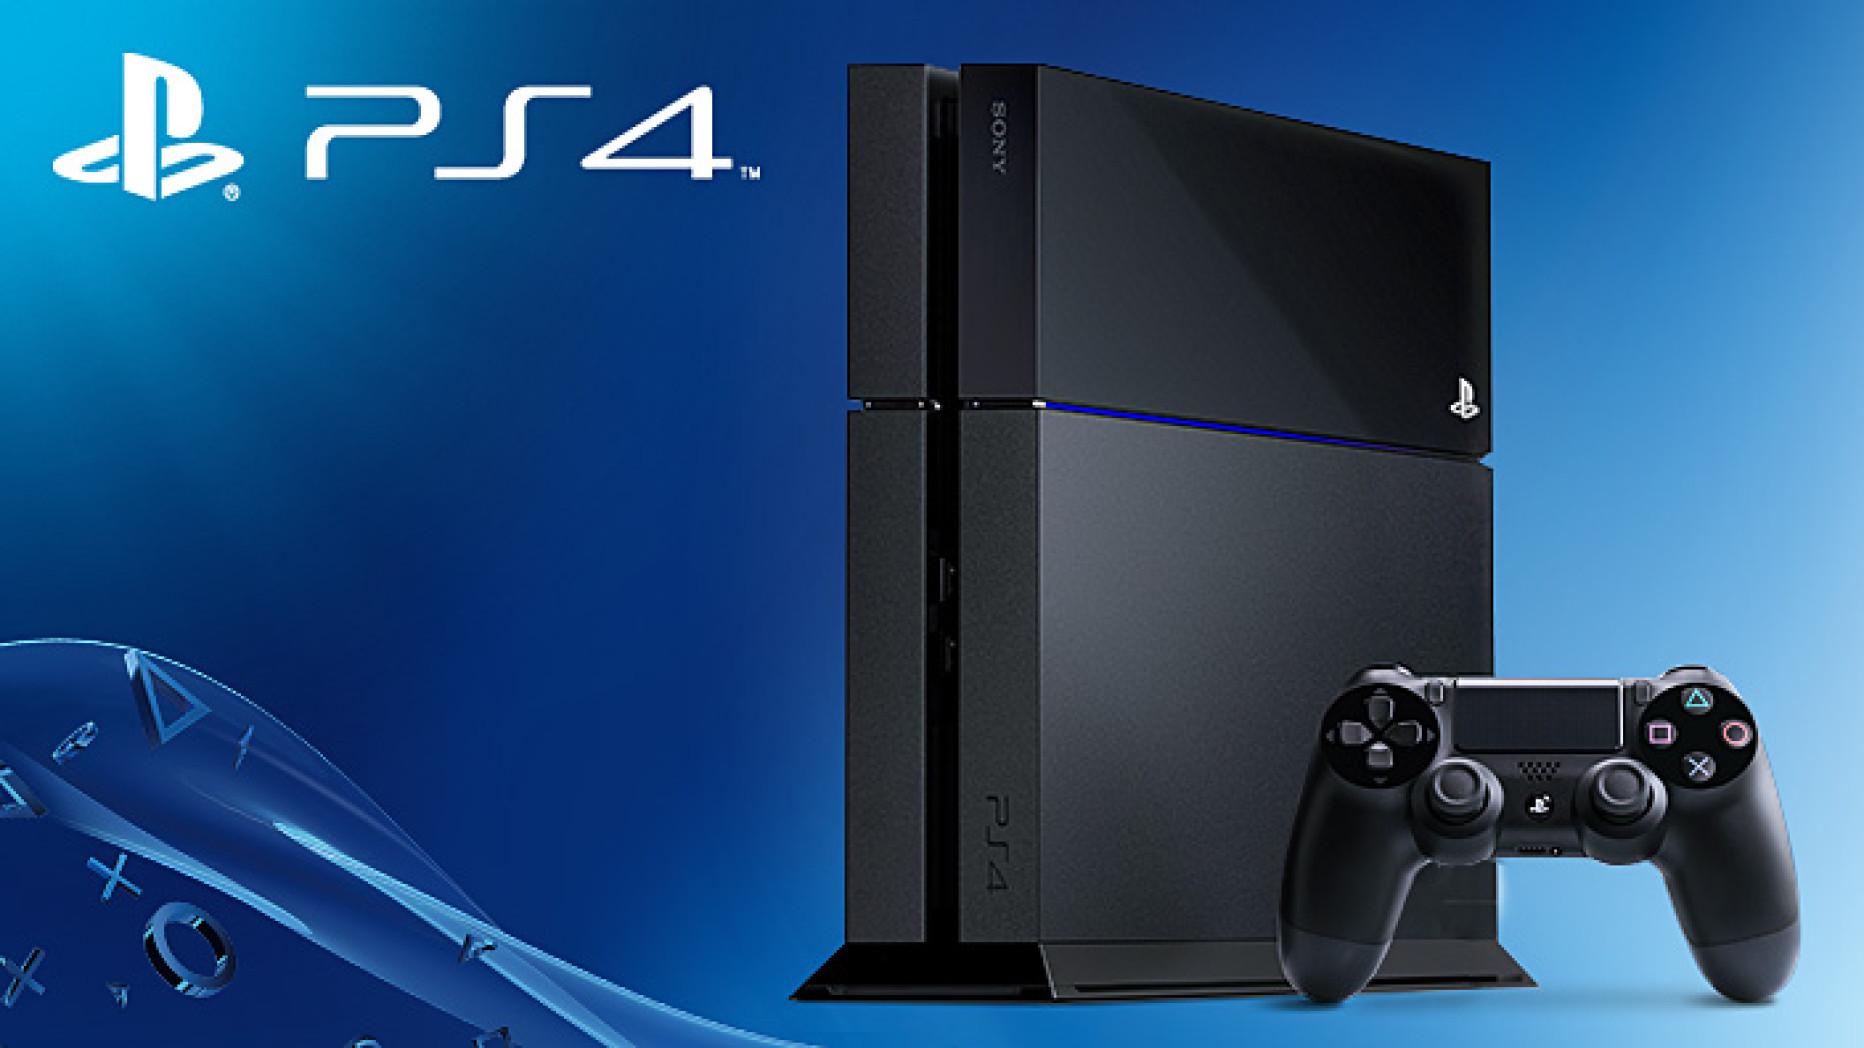 Comprar PlayStation 4 barata, los mejores sitios